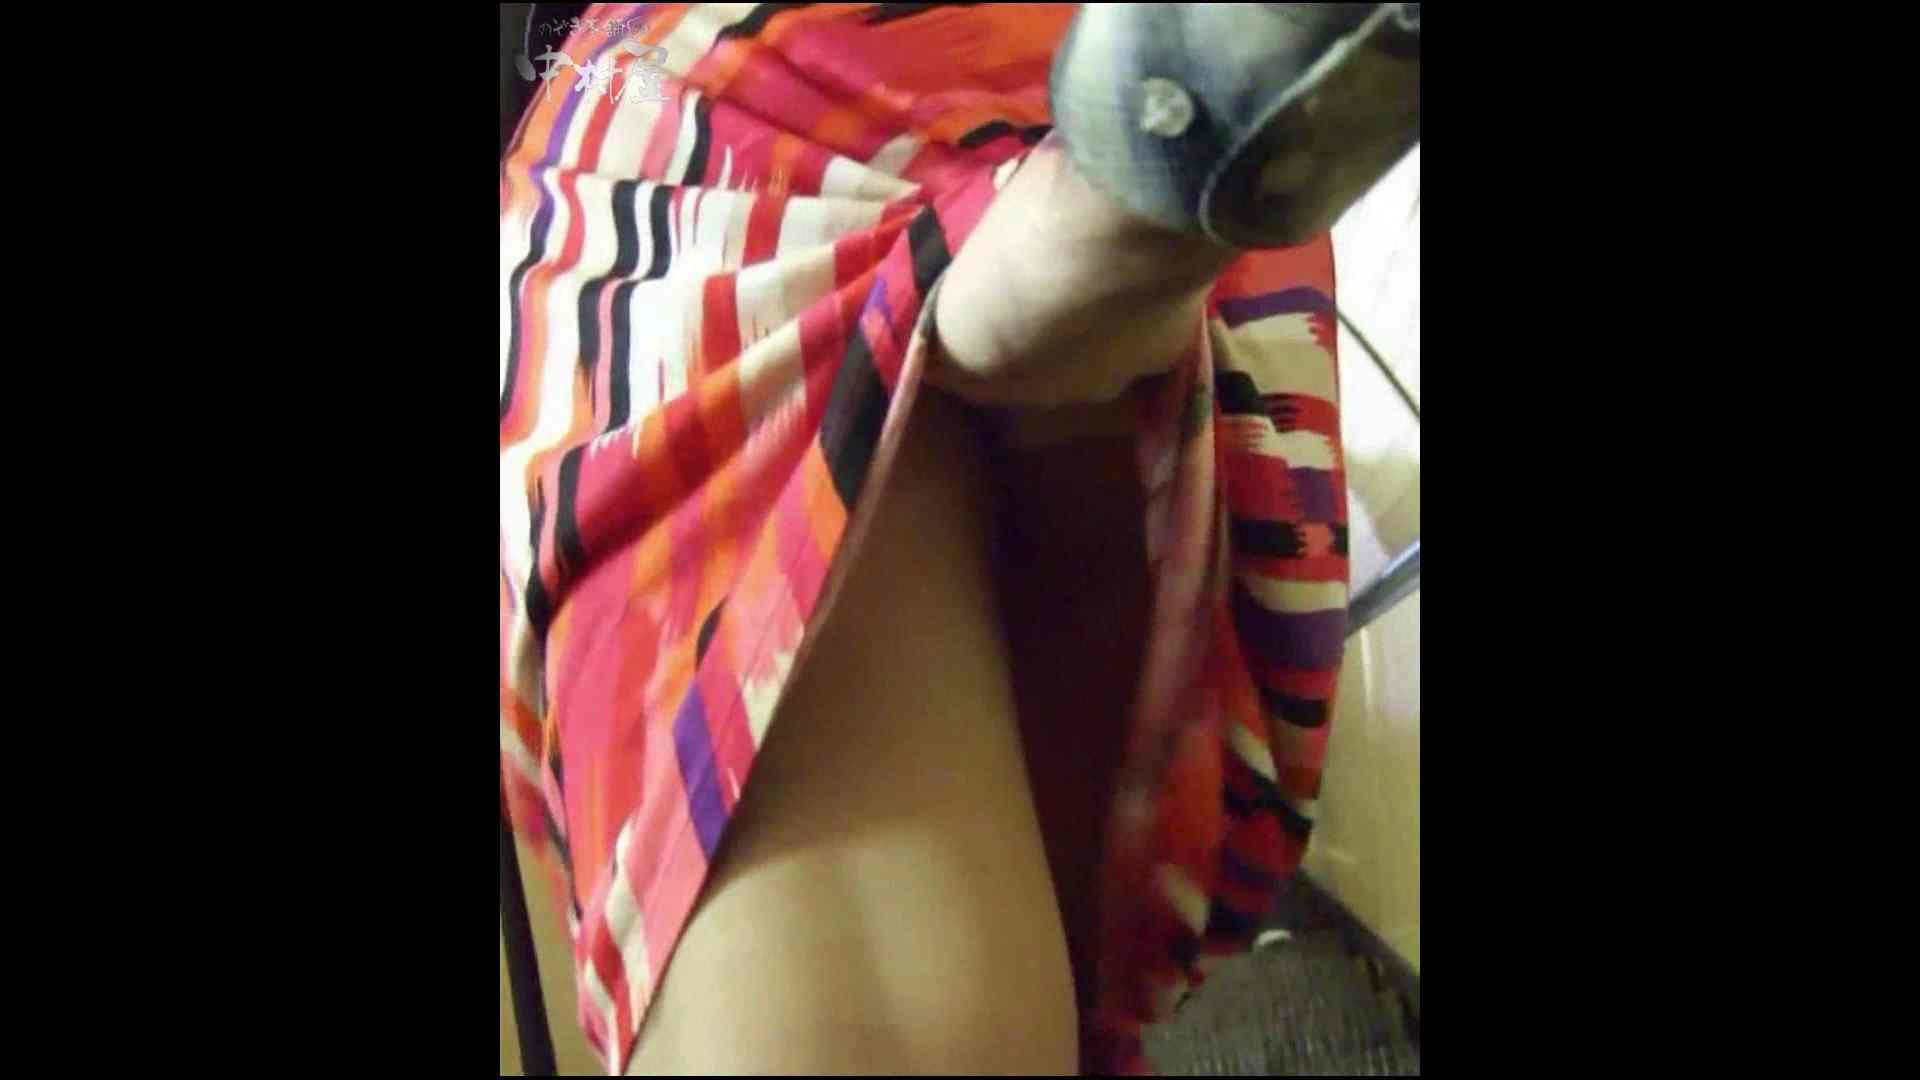 綺麗なモデルさんのスカート捲っちゃおう‼ vol12 モデルヌード   Hなお姉さん  93pic 74